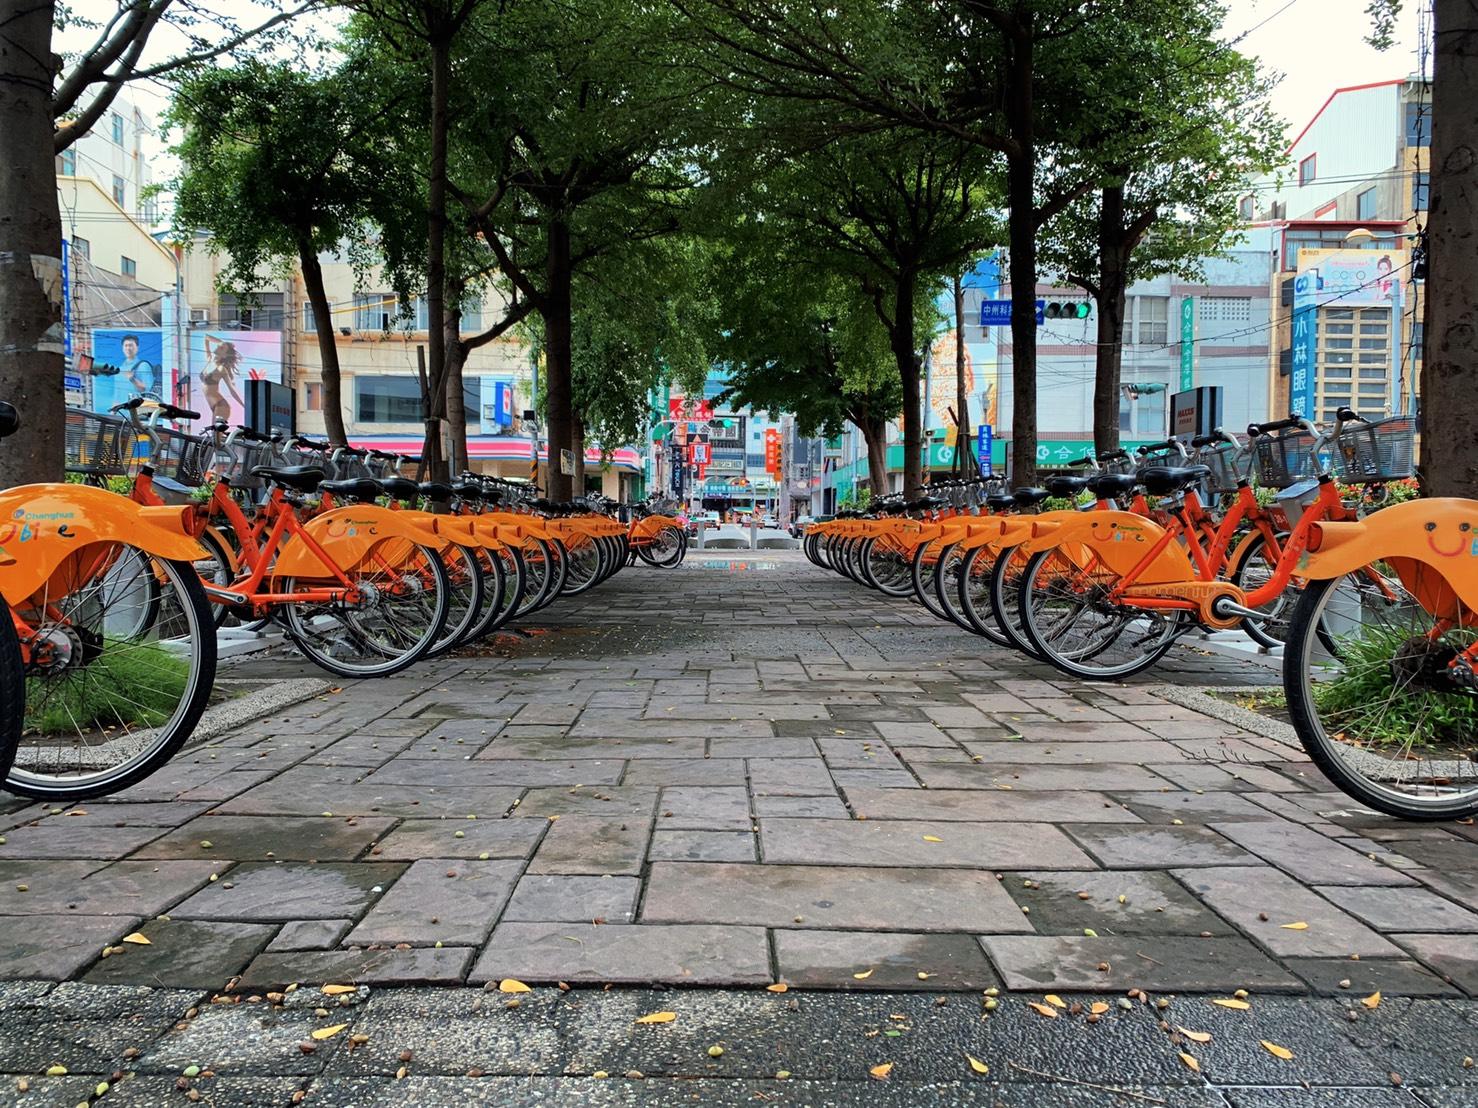 彰化縣公共自行車YouBike1.0自110年7月27日起恢復營運